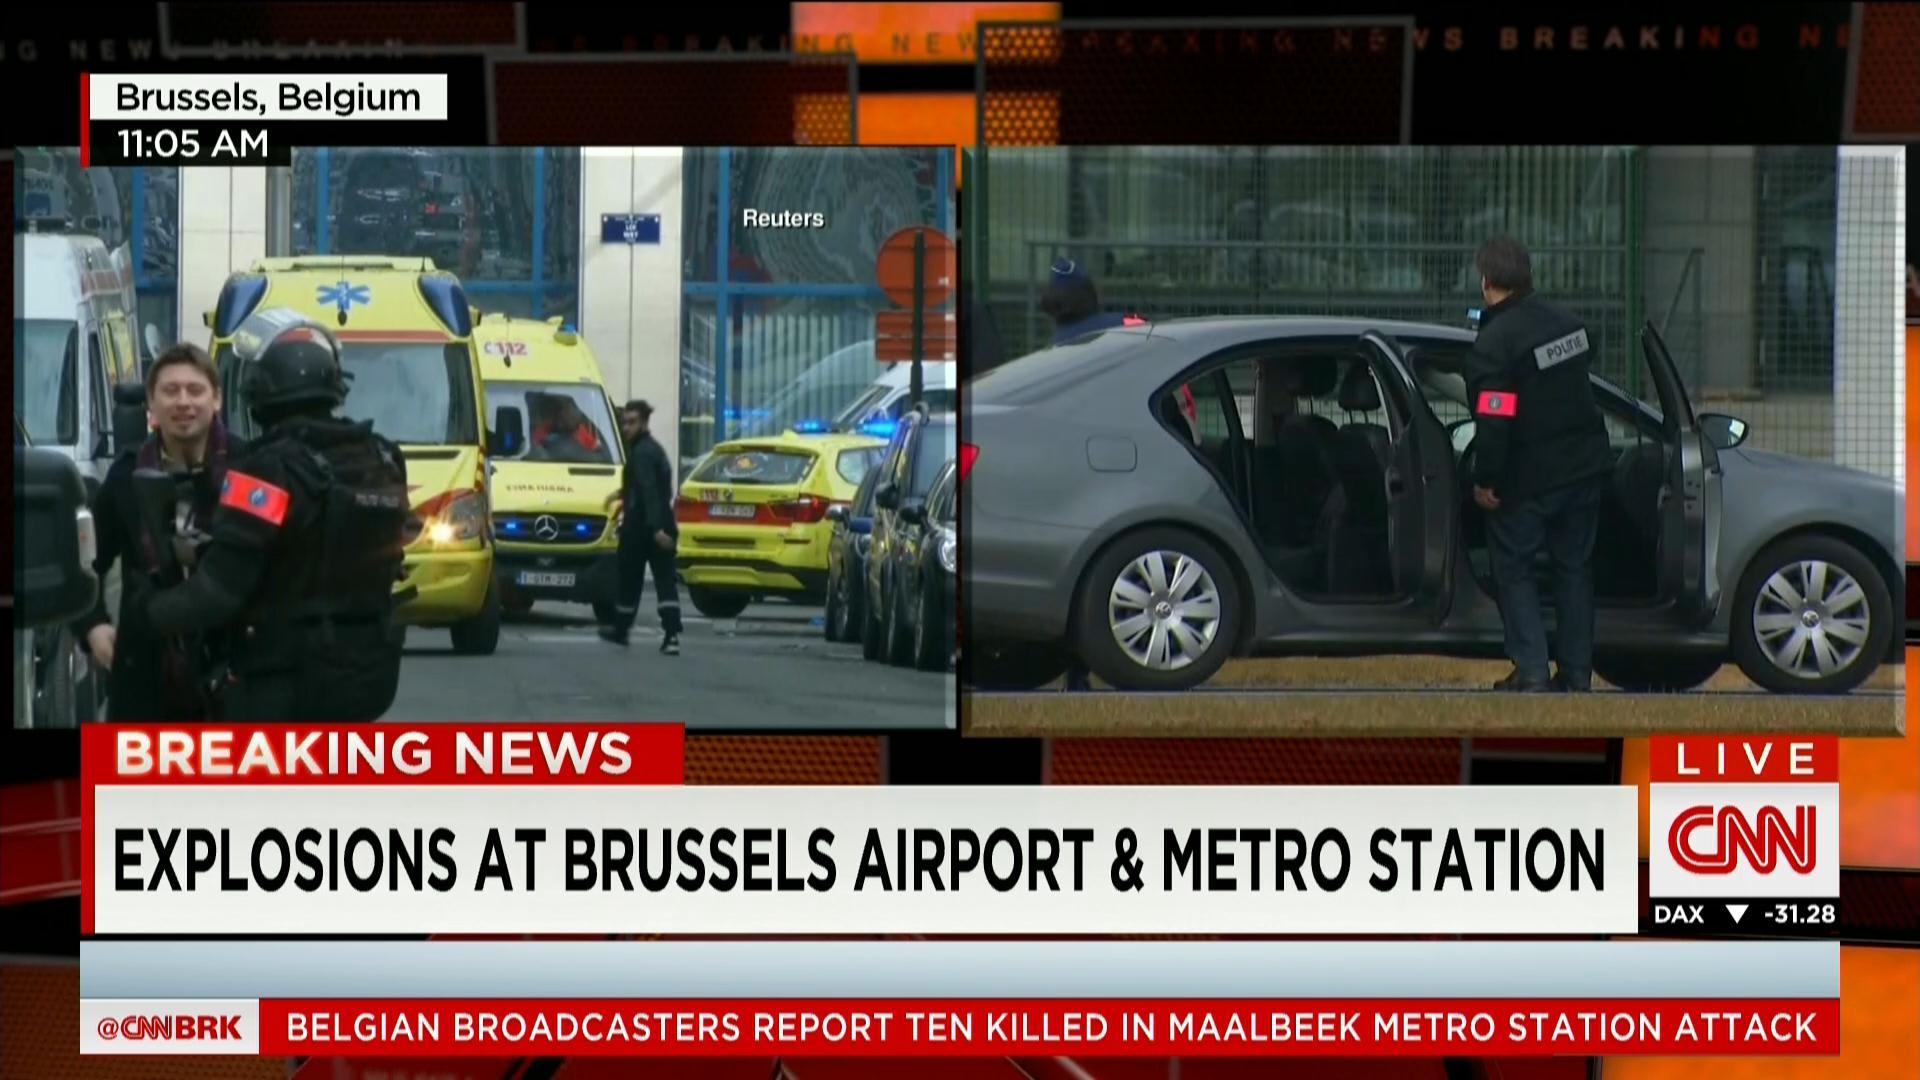 """بلجيكا: ارتقاء عدد قتلى تفجيرات بروكسل إلى 34 على الأقل ومكتب المدعي العام: تفجيرات المطار كانت """"هجوما انتحاريا"""""""